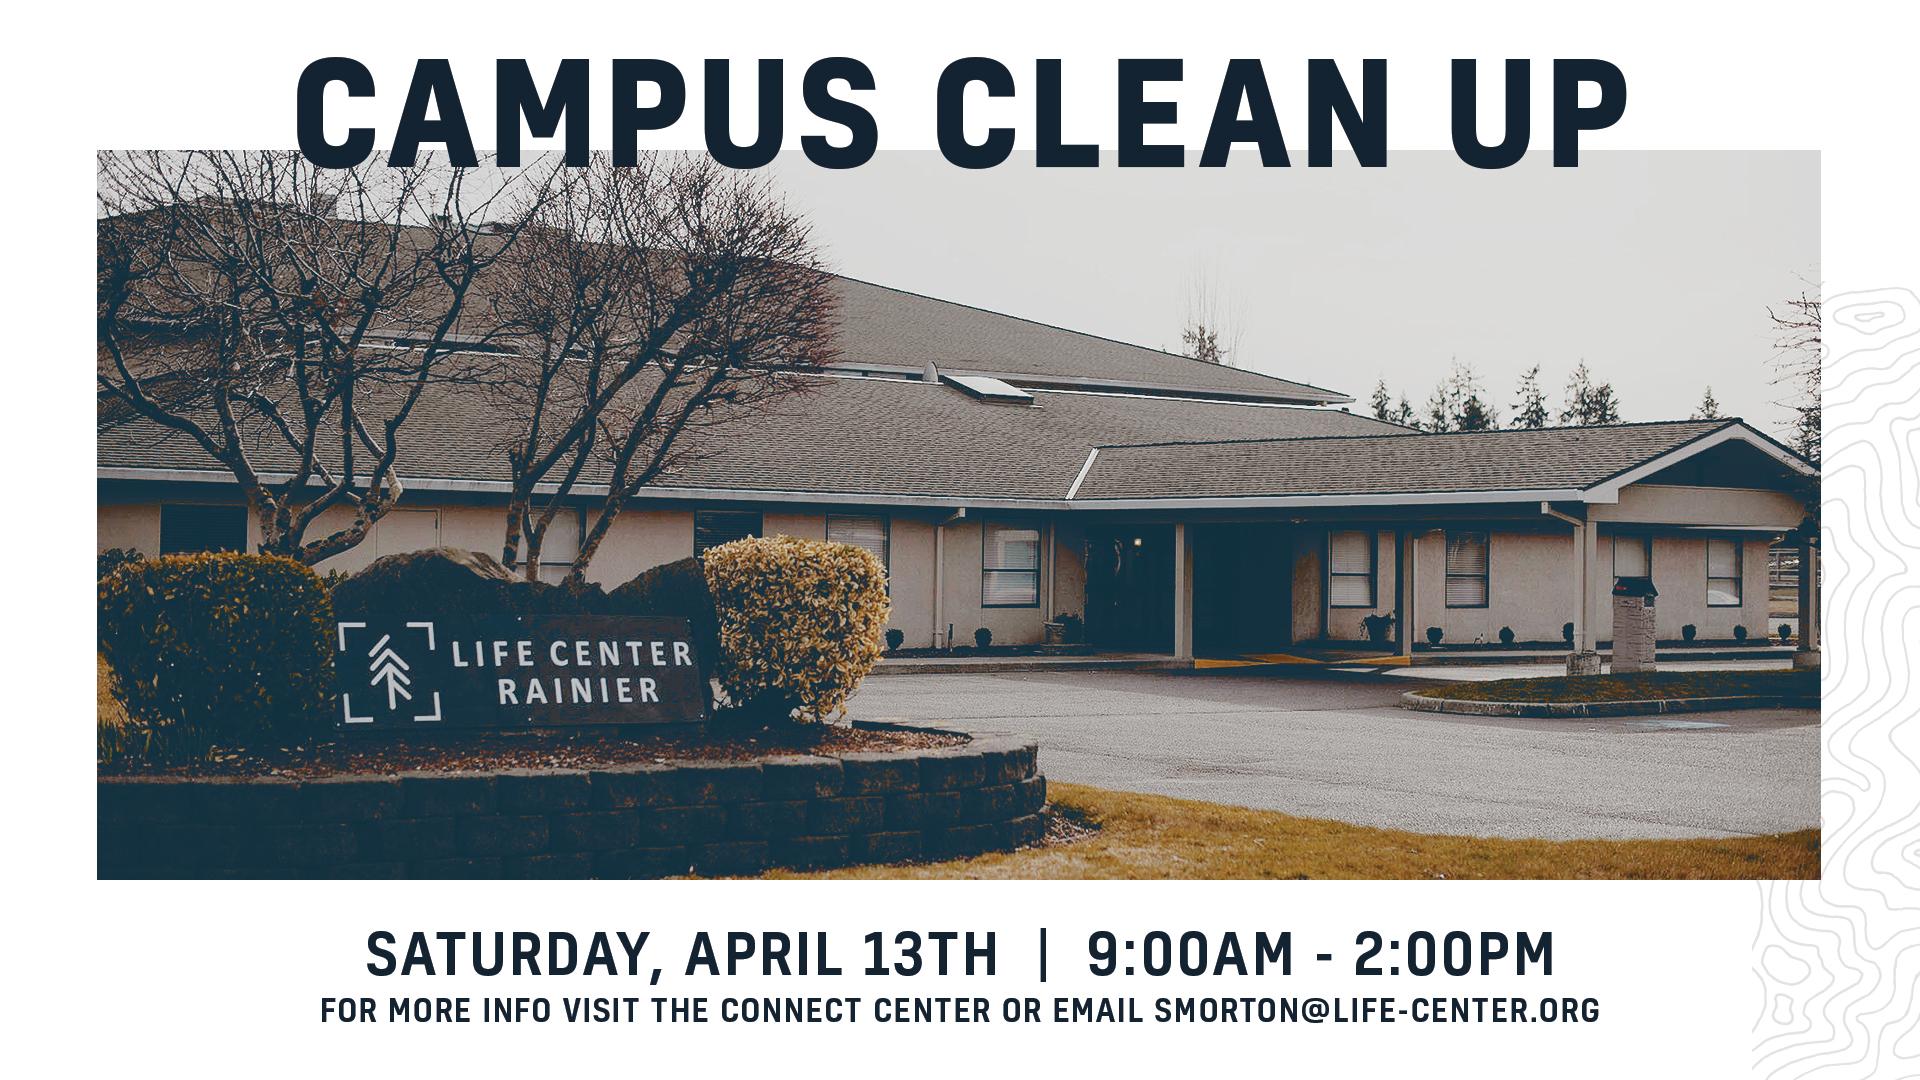 Life Center Rainier | Campus Clean Up